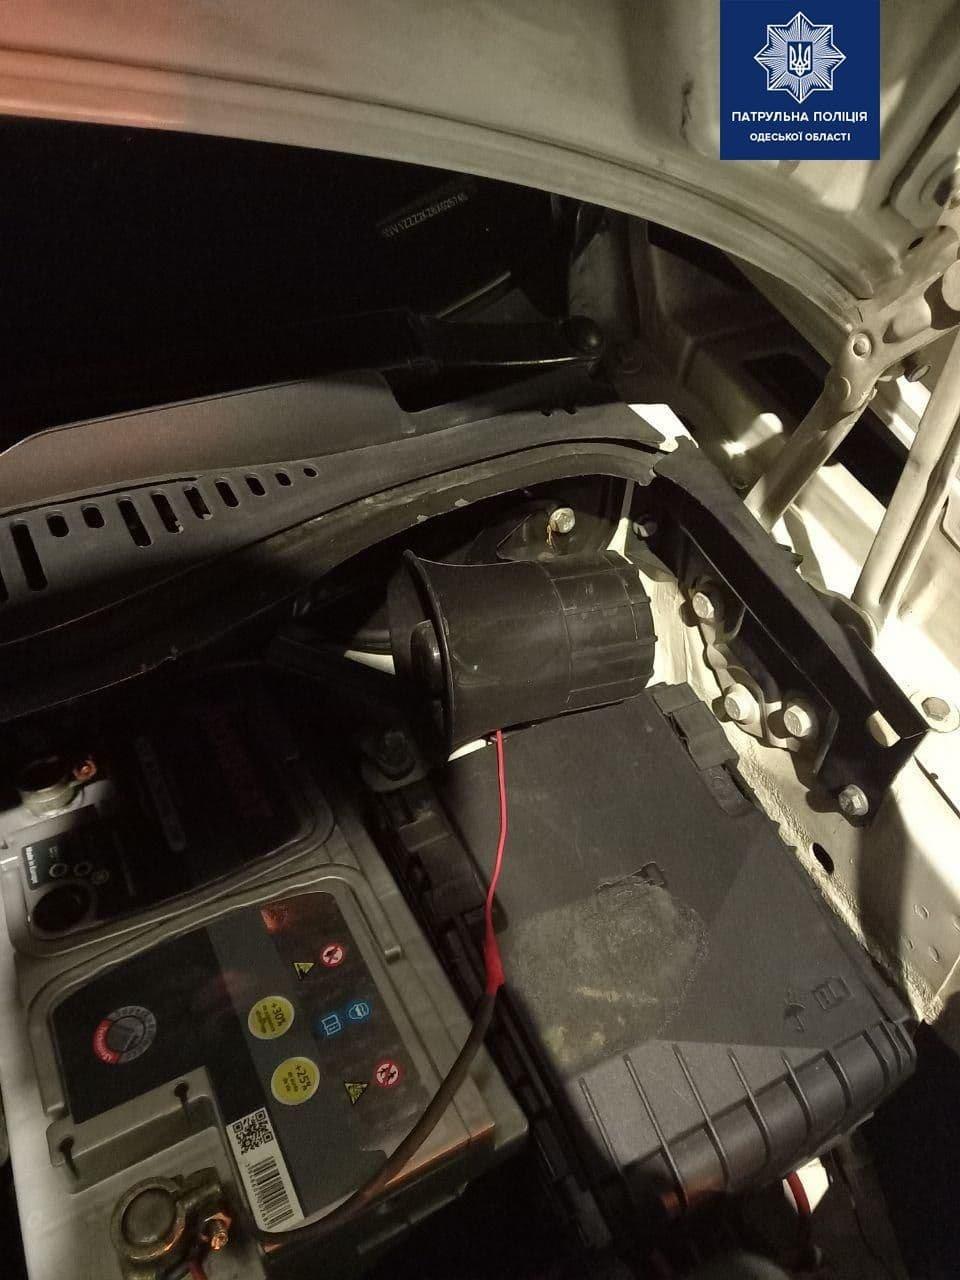 В Одессе мужчина включил сирену на автомобиле и нарушал ПДД, - ФОТО, фото-3